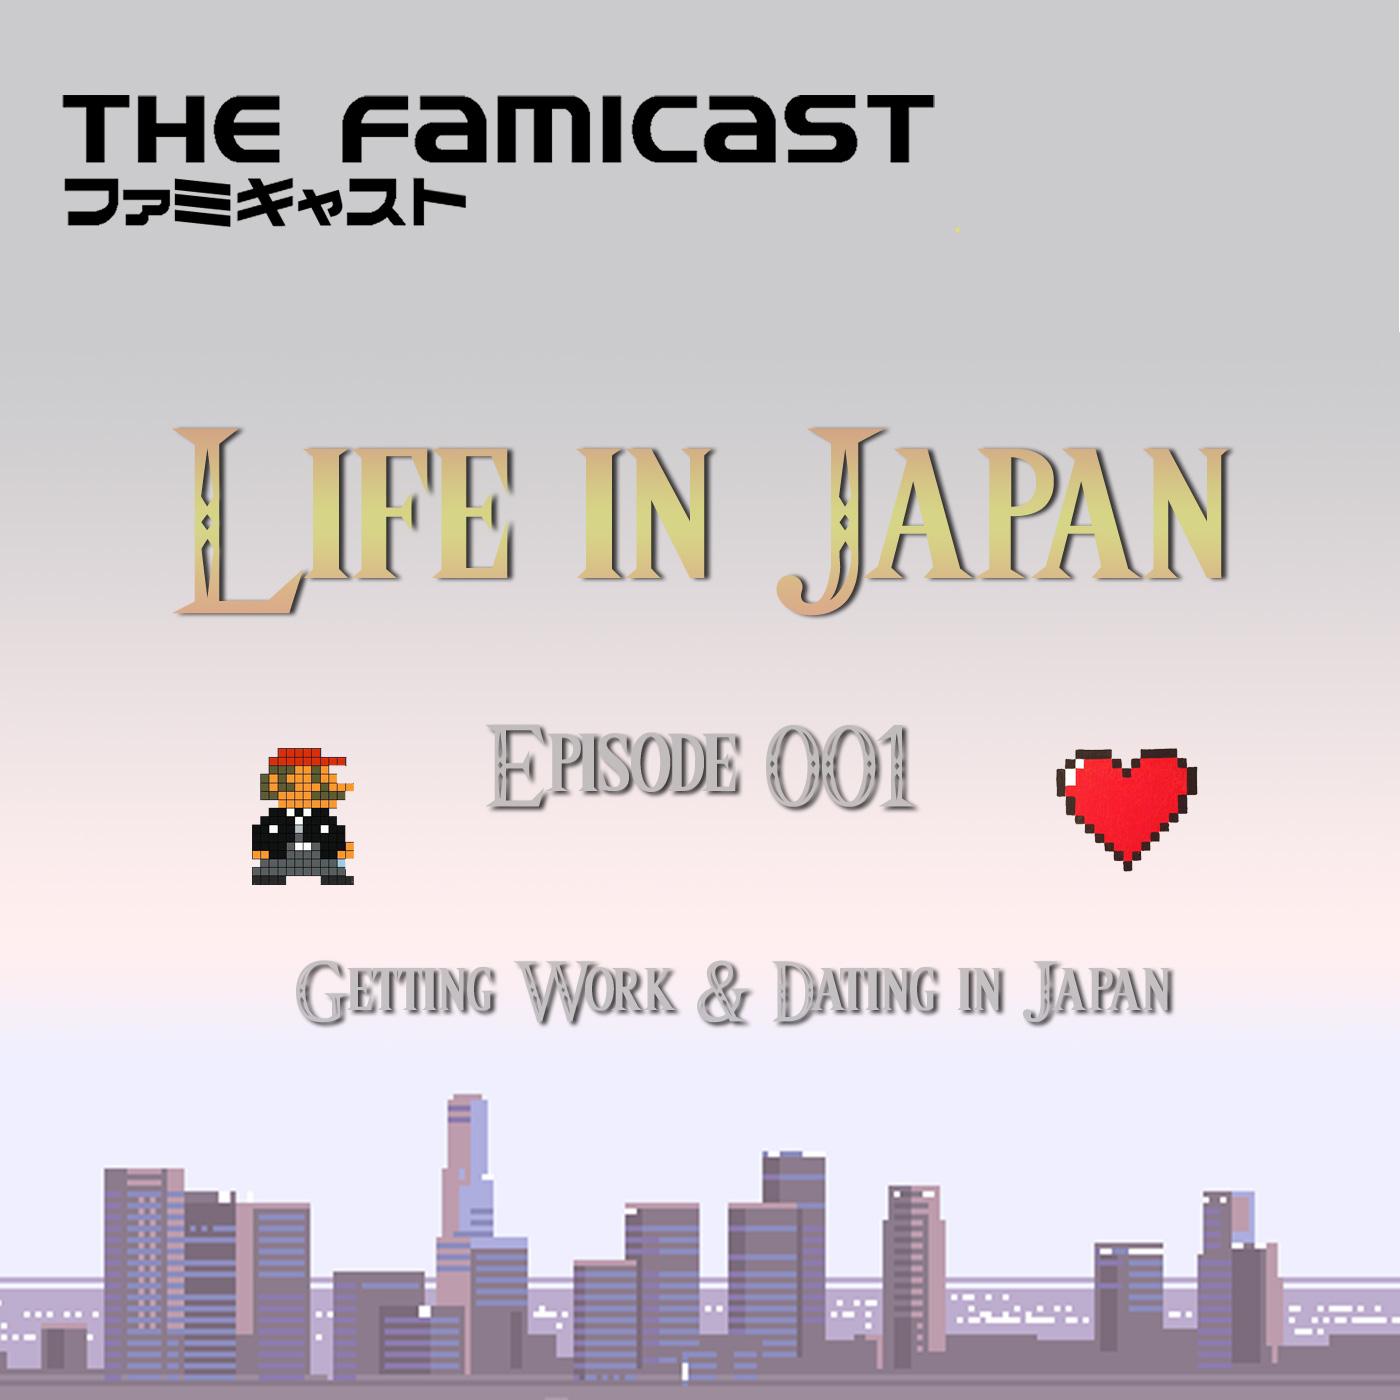 Metropolis Japan dating hook up ESC naar de ontvanger